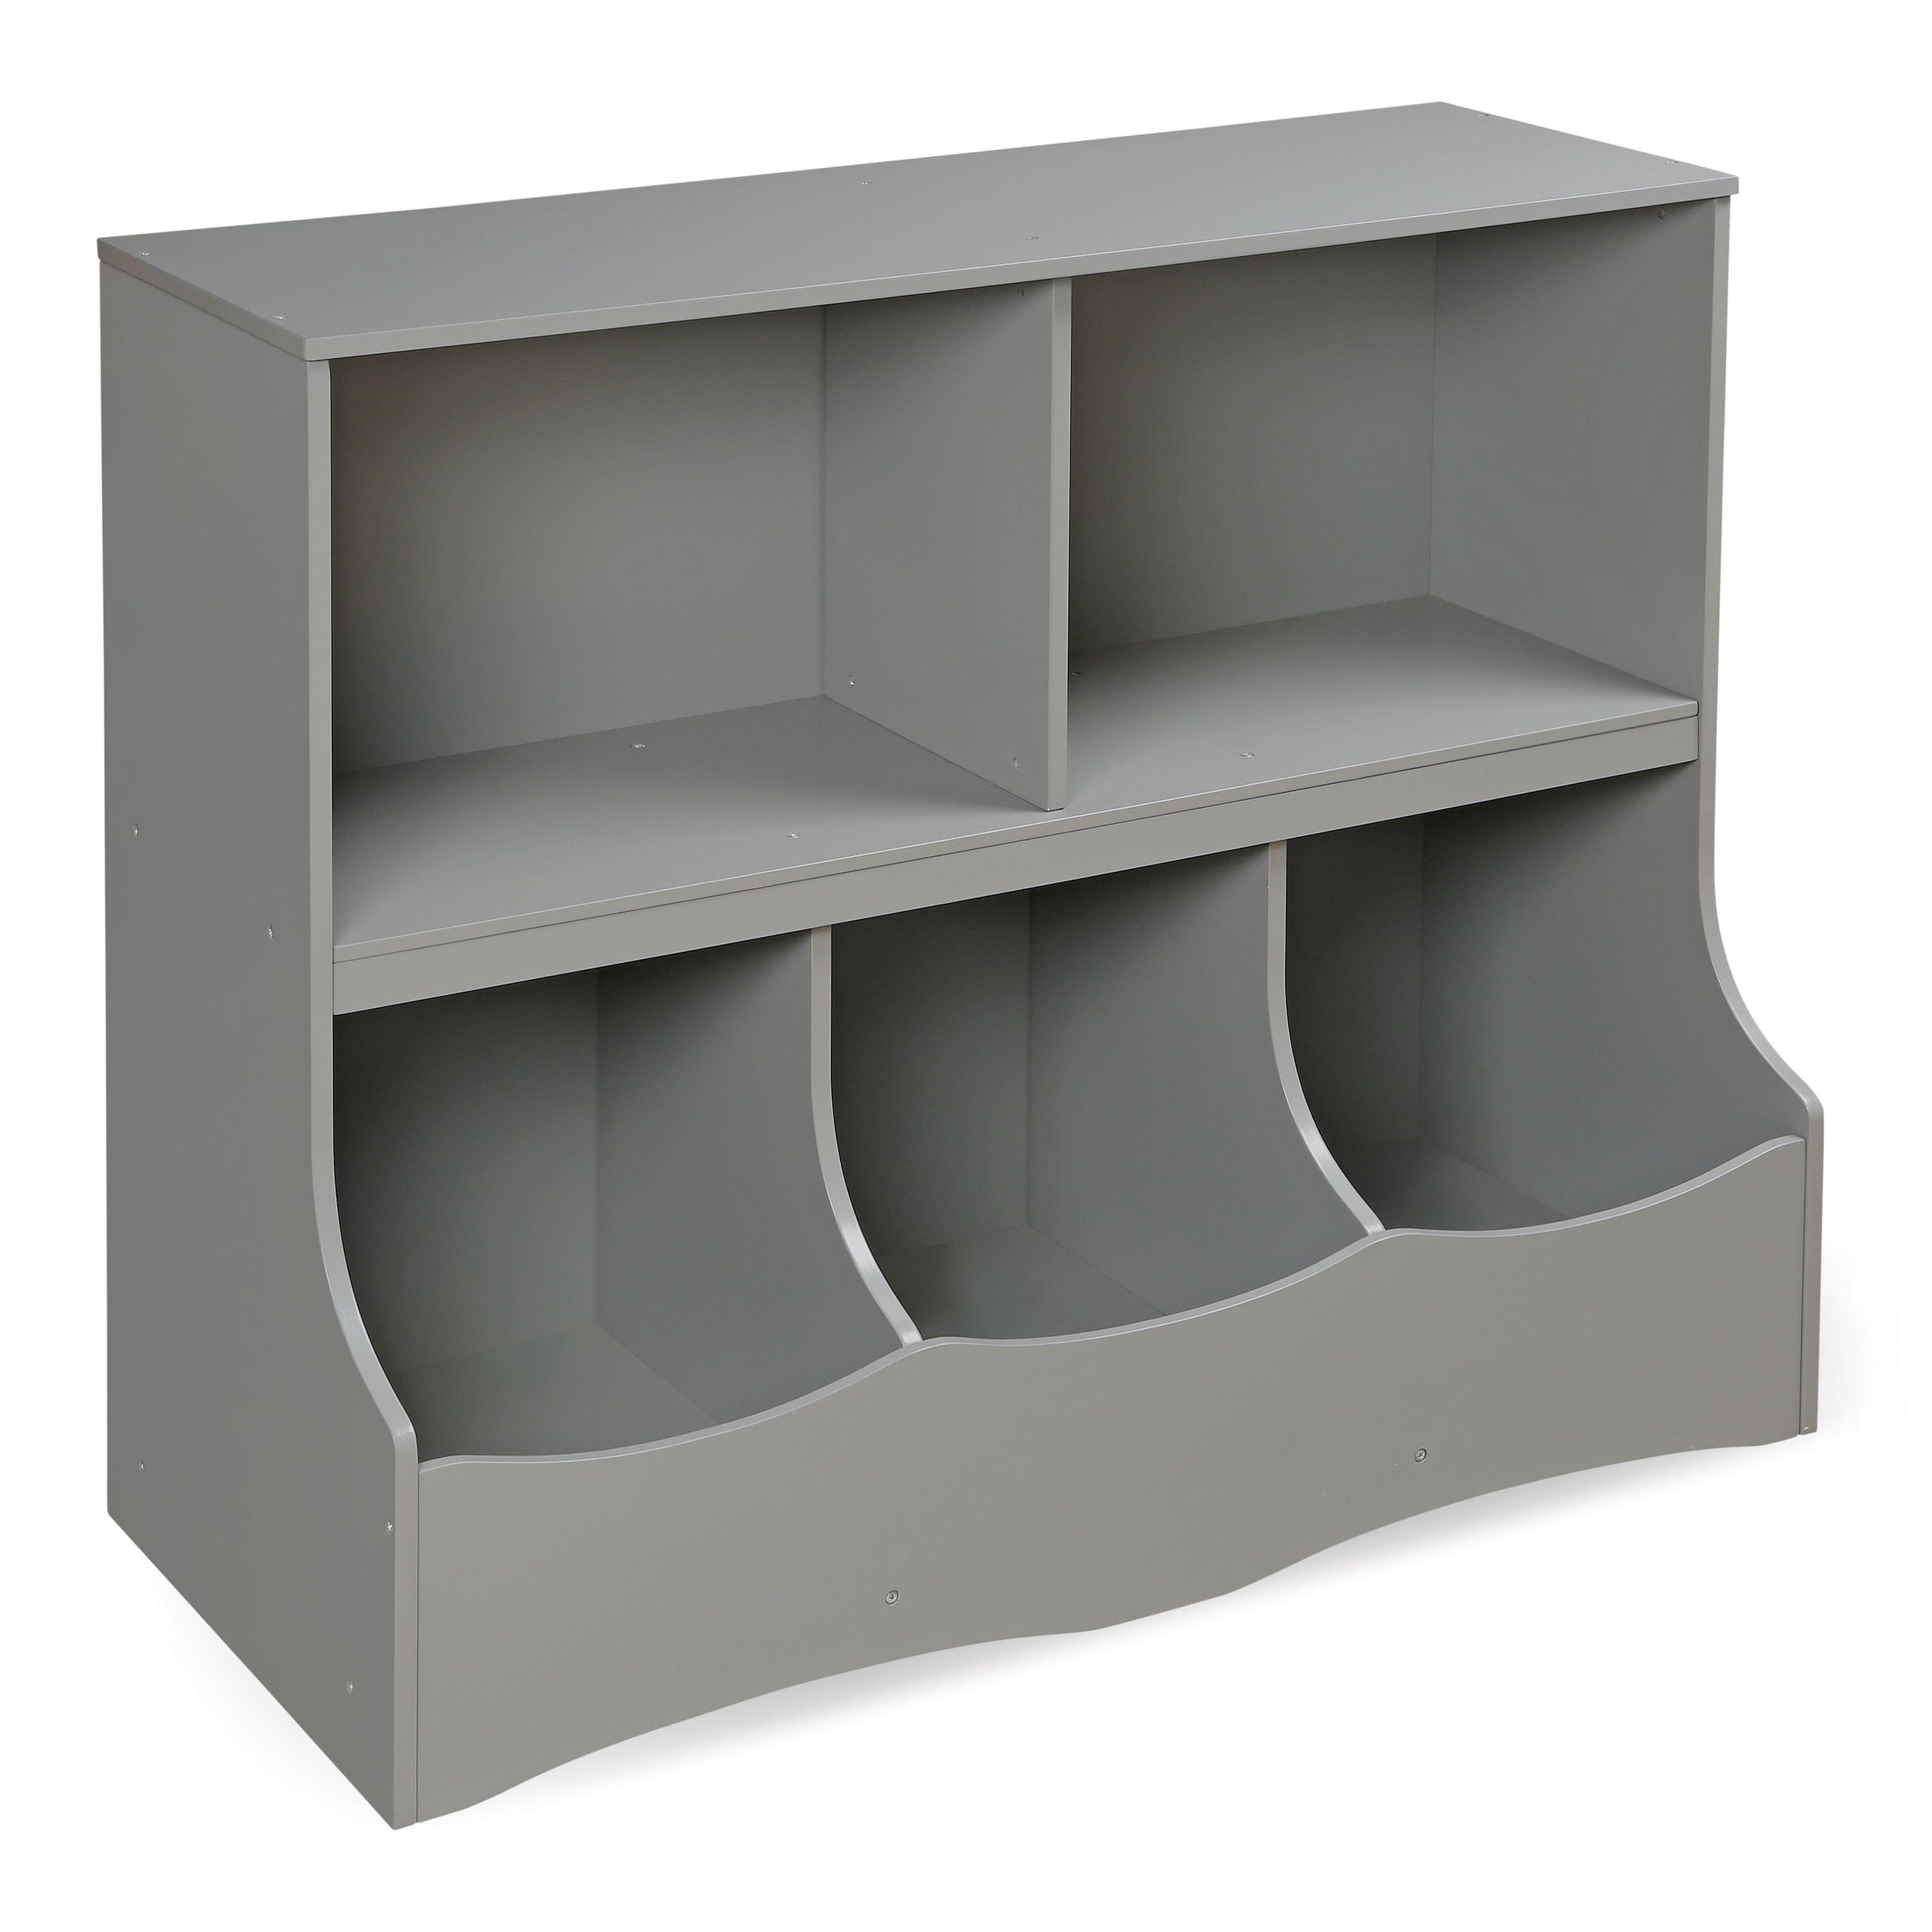 Badger Basket White Wood Multi Bin Storage Cubby Ikea Toy Storage Cubby Storage Storage Bins